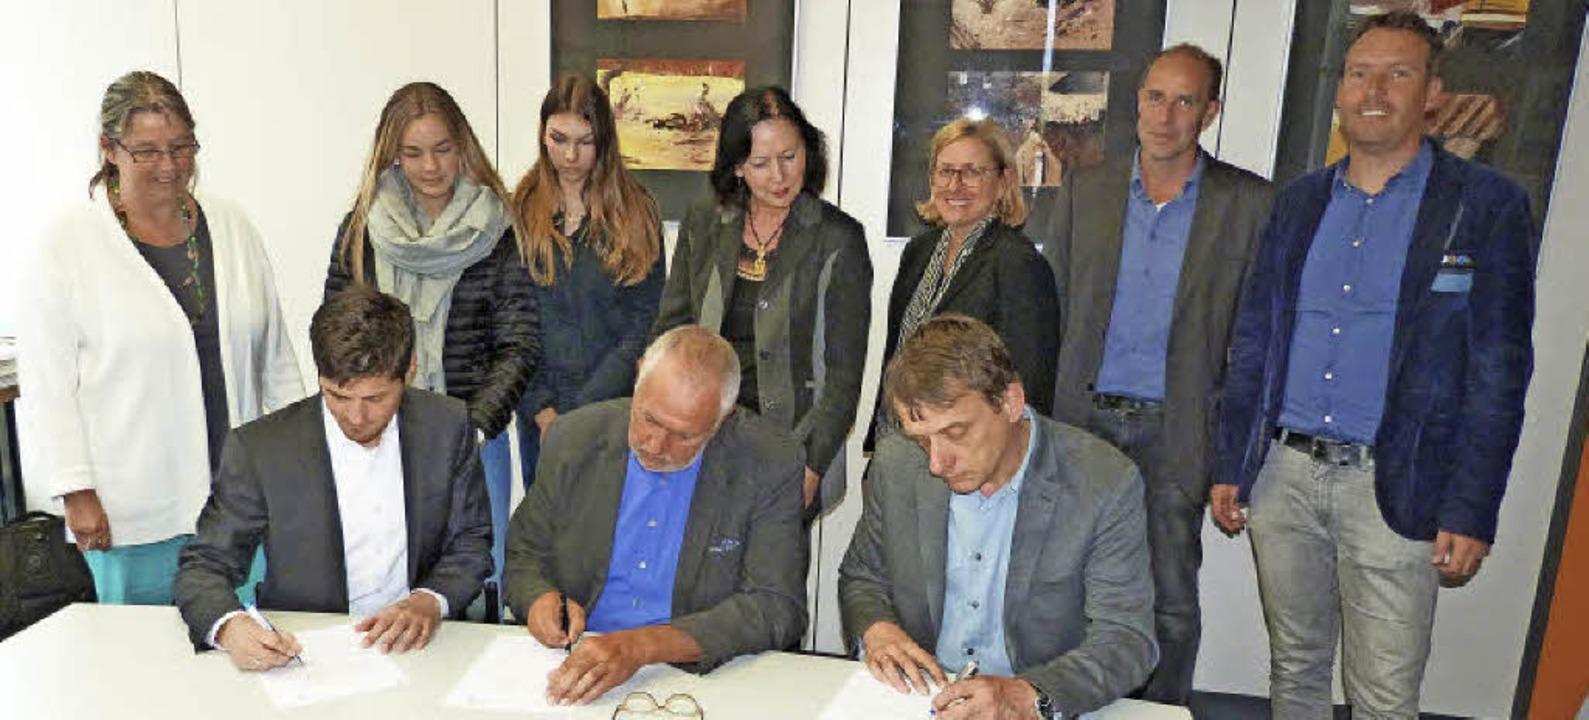 Lars Holzäpfel von der PH Freiburg, Sc...n des Praxiskollegs (dahinter links).     Foto: Presse-AG